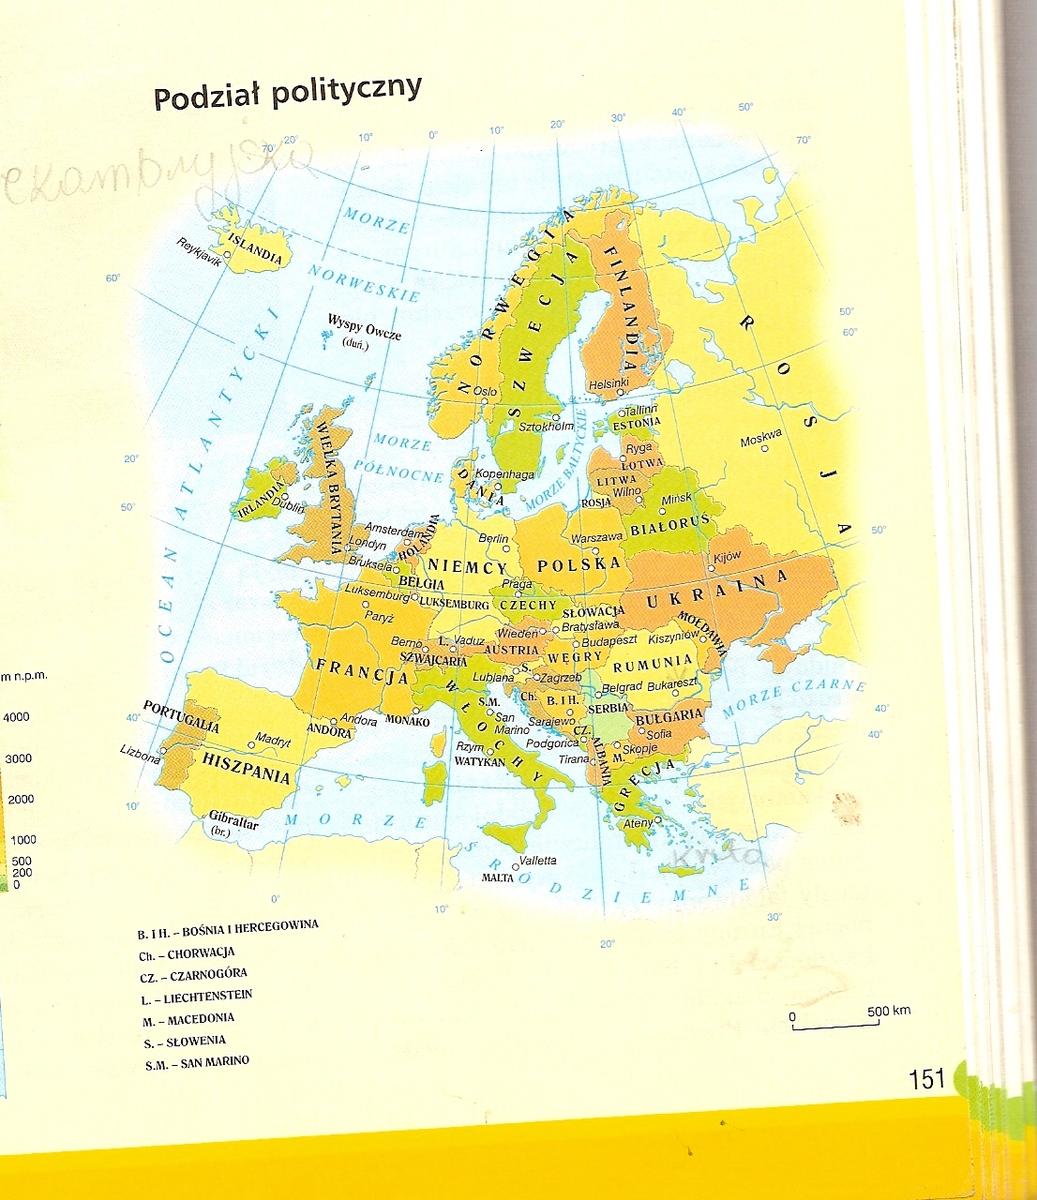 Mapa Europy Z Zaznaczonymi Stolicami Z Gory Dzieki Brainly Pl